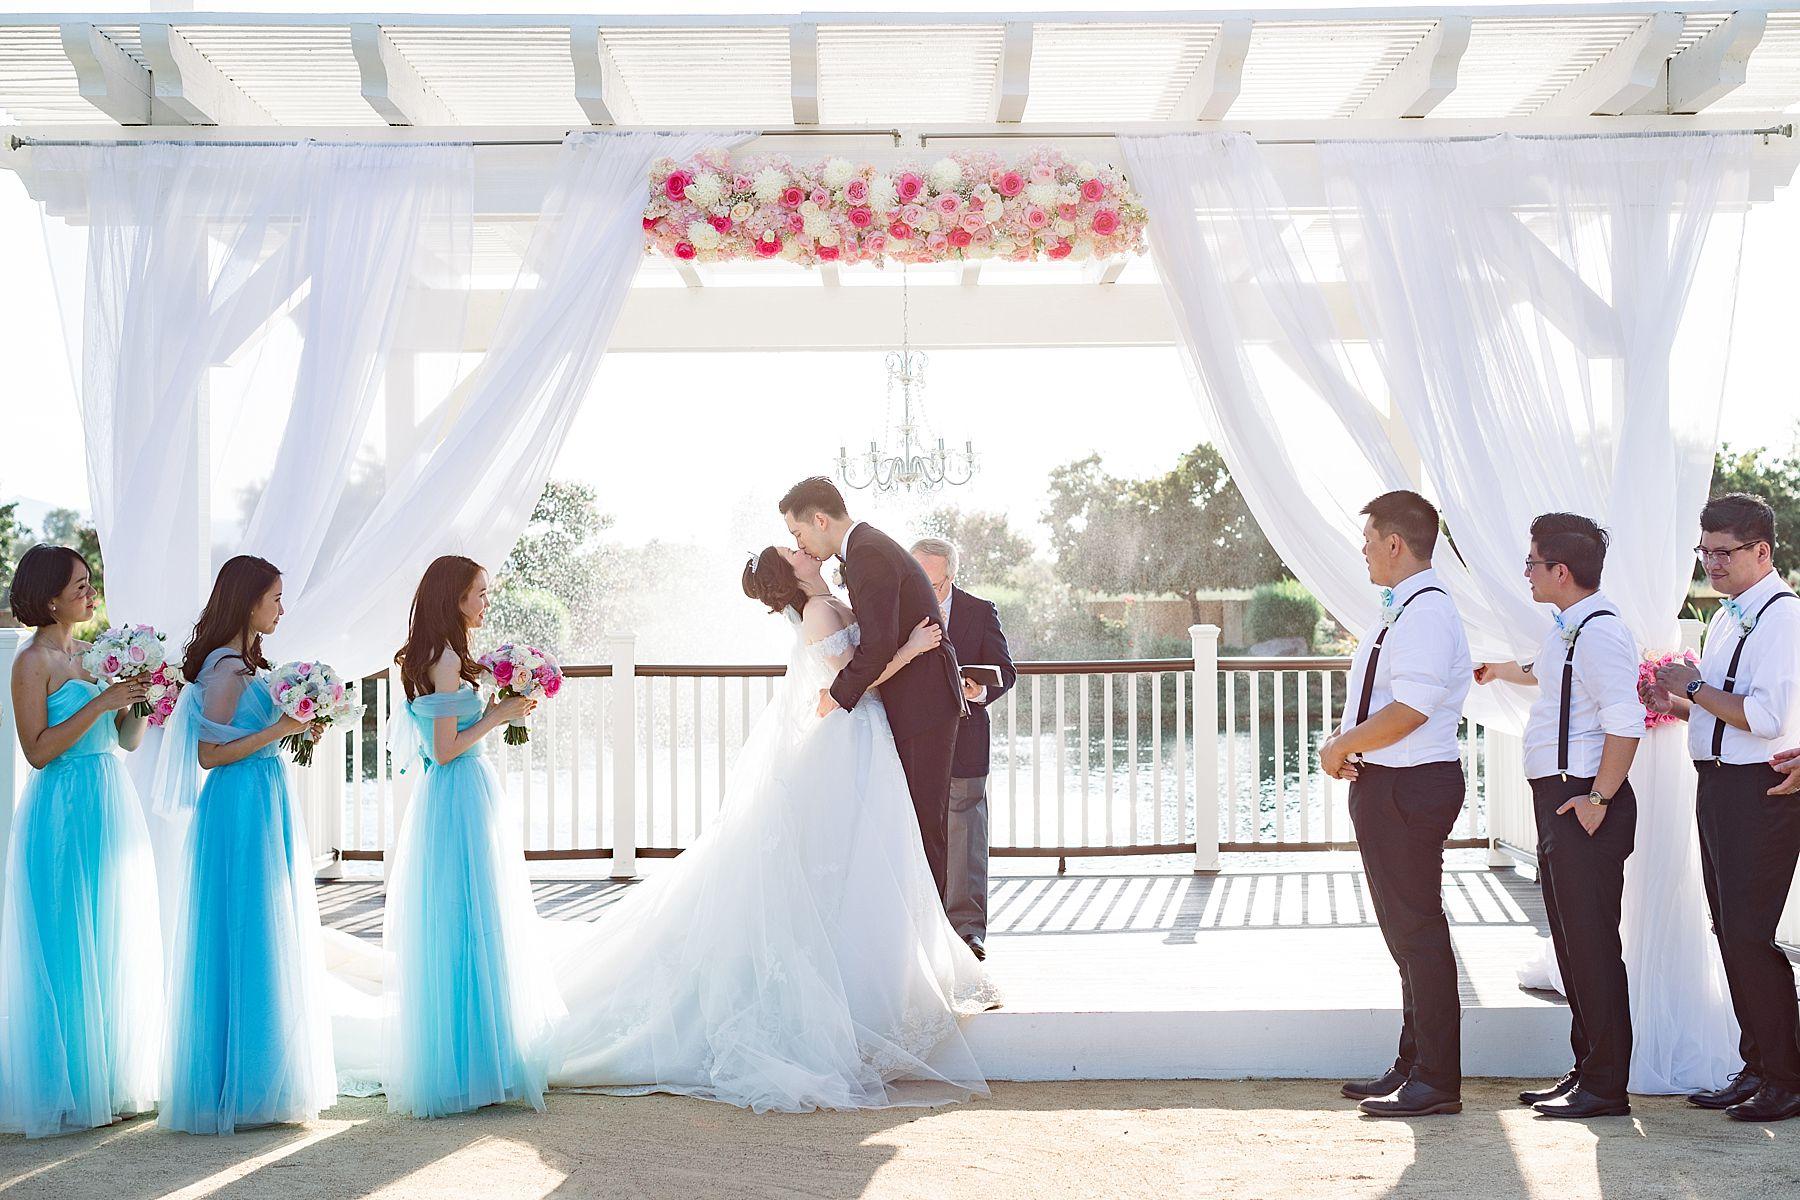 Newberry Estate Vineyards Wedding - Ashley Baumgartner - Jasmine and Johhny - Bay Area Wedding Photographer - Sacramento Wedding Photographer_0040.jpg